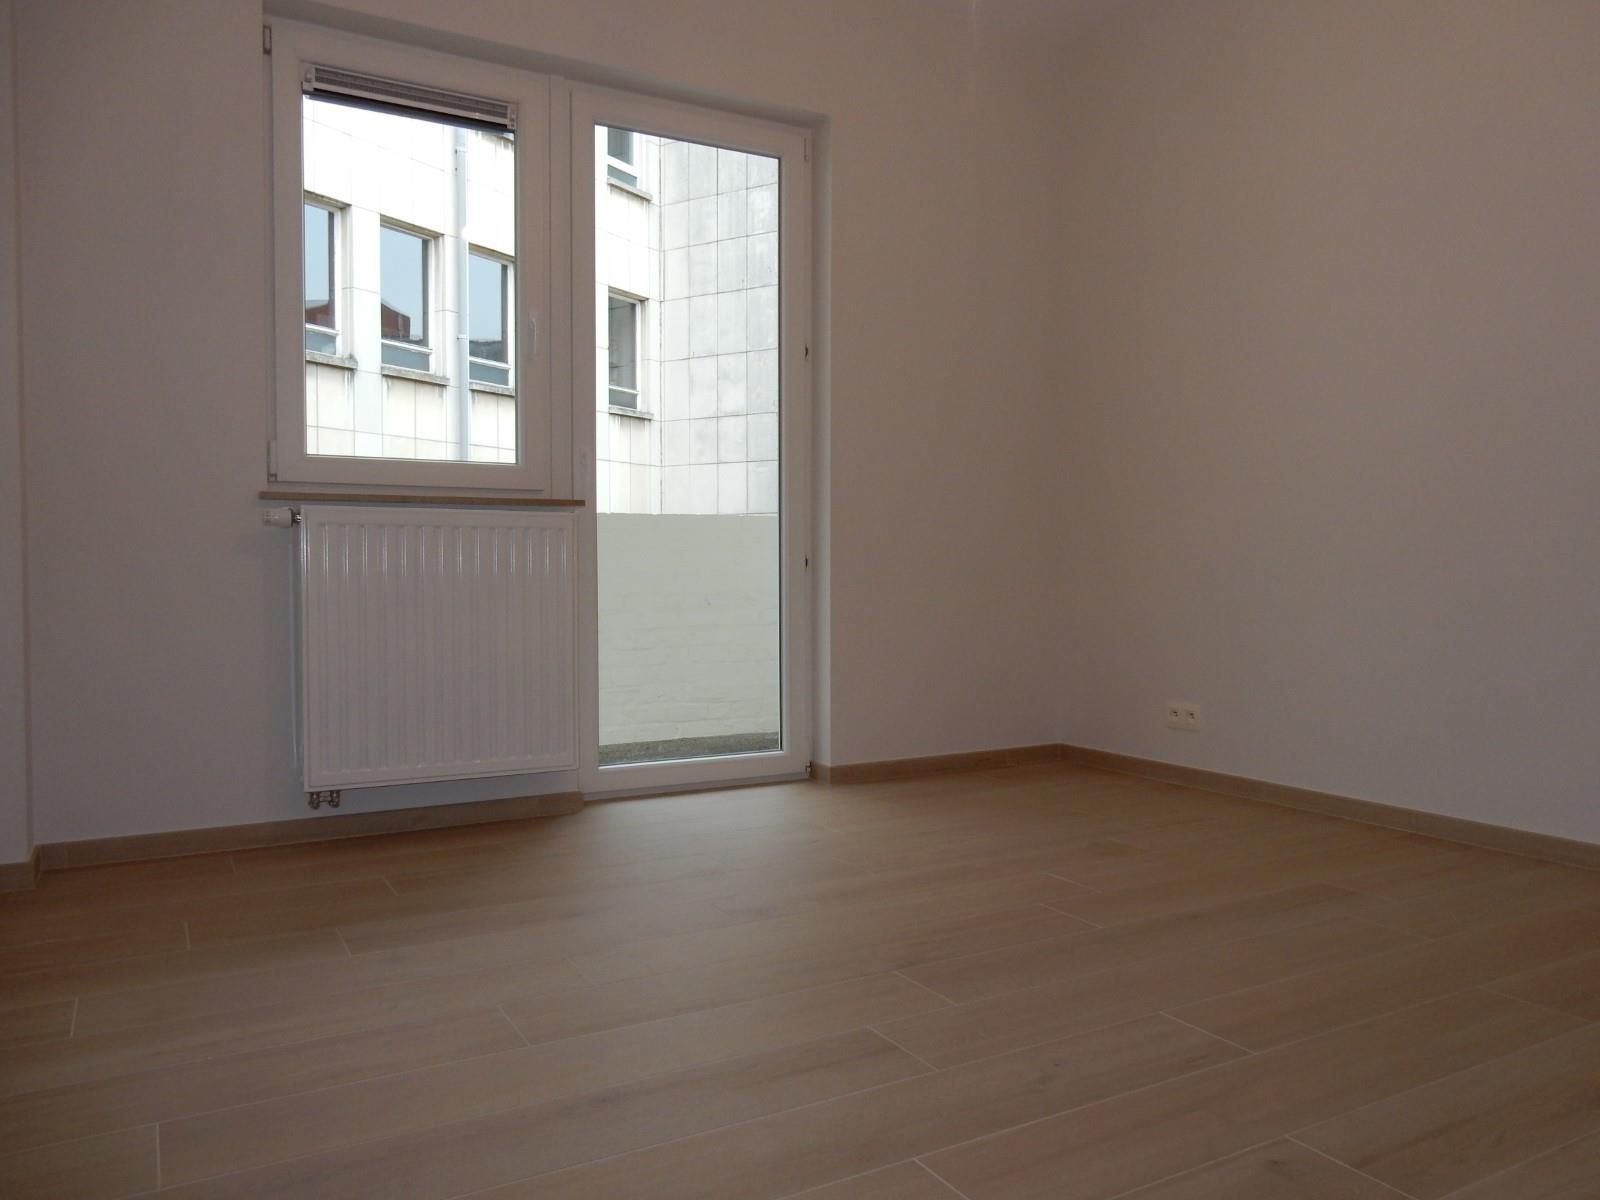 Appartement - Schaerbeek - #4137628-8